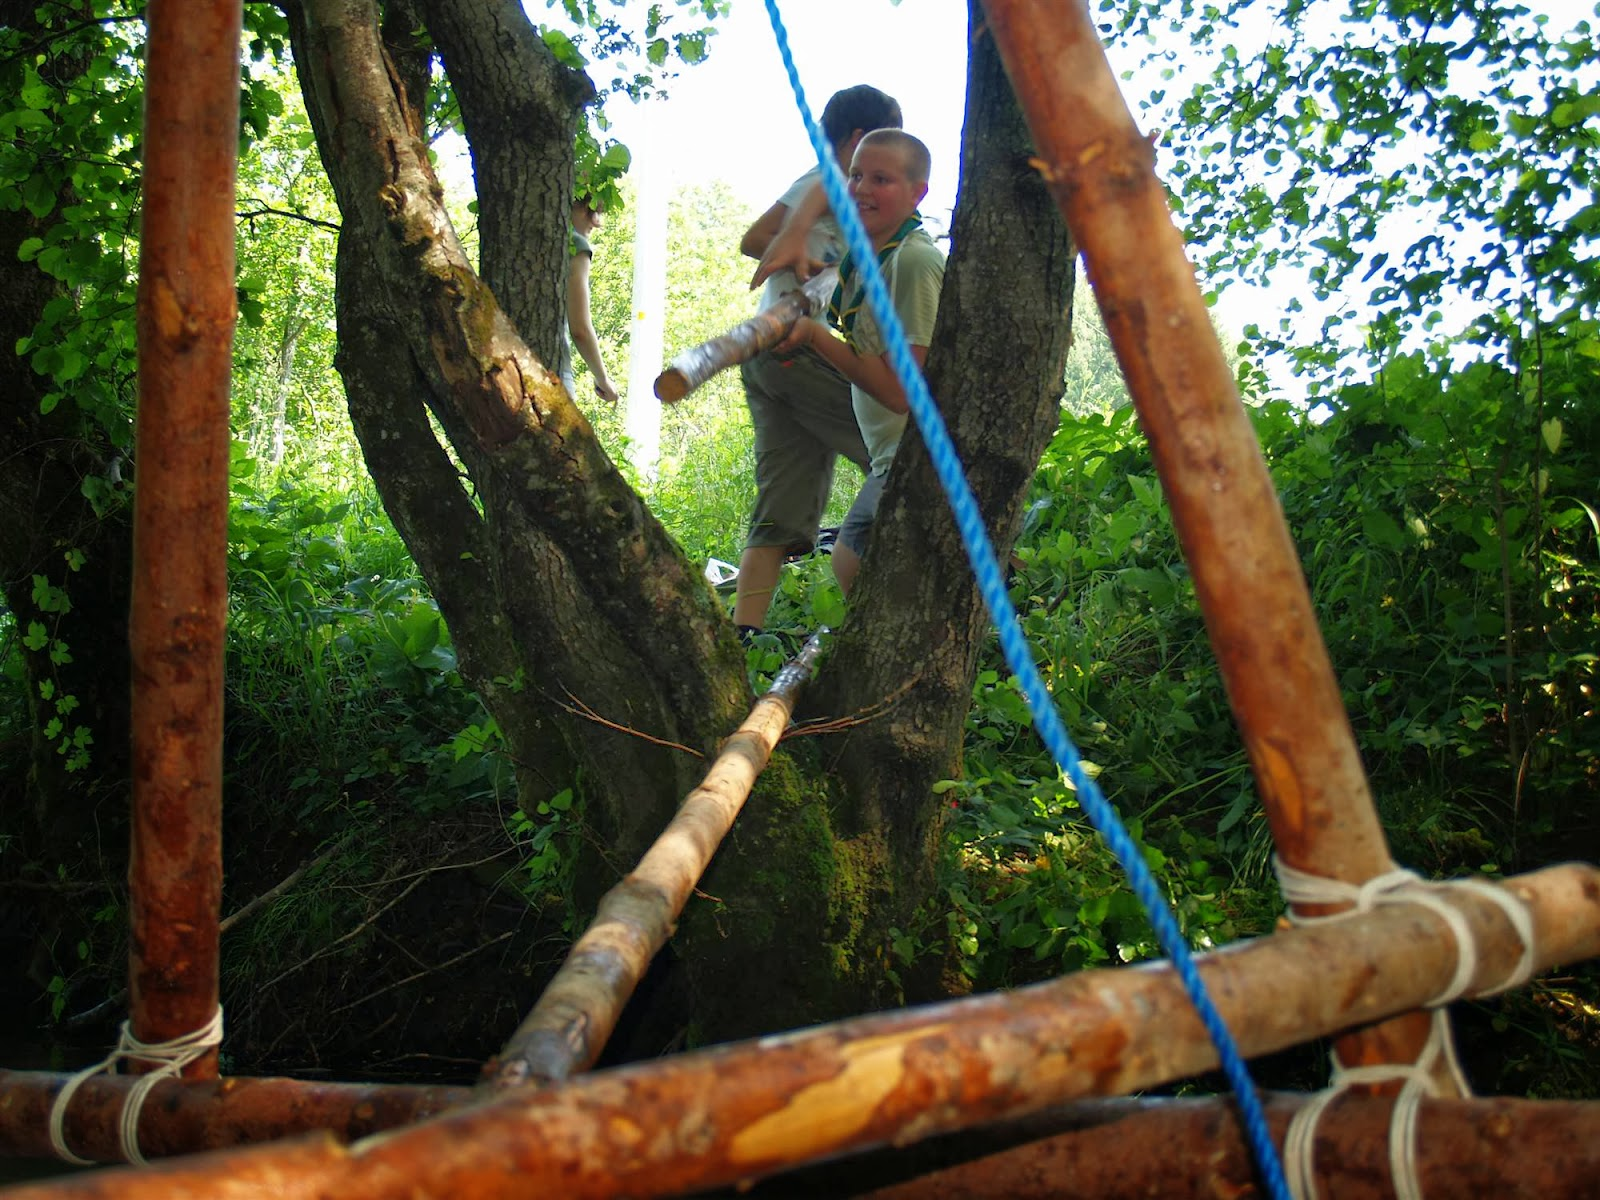 Vozlarija 890, Ilirska Bistrica 2007 - P0097257.JPG